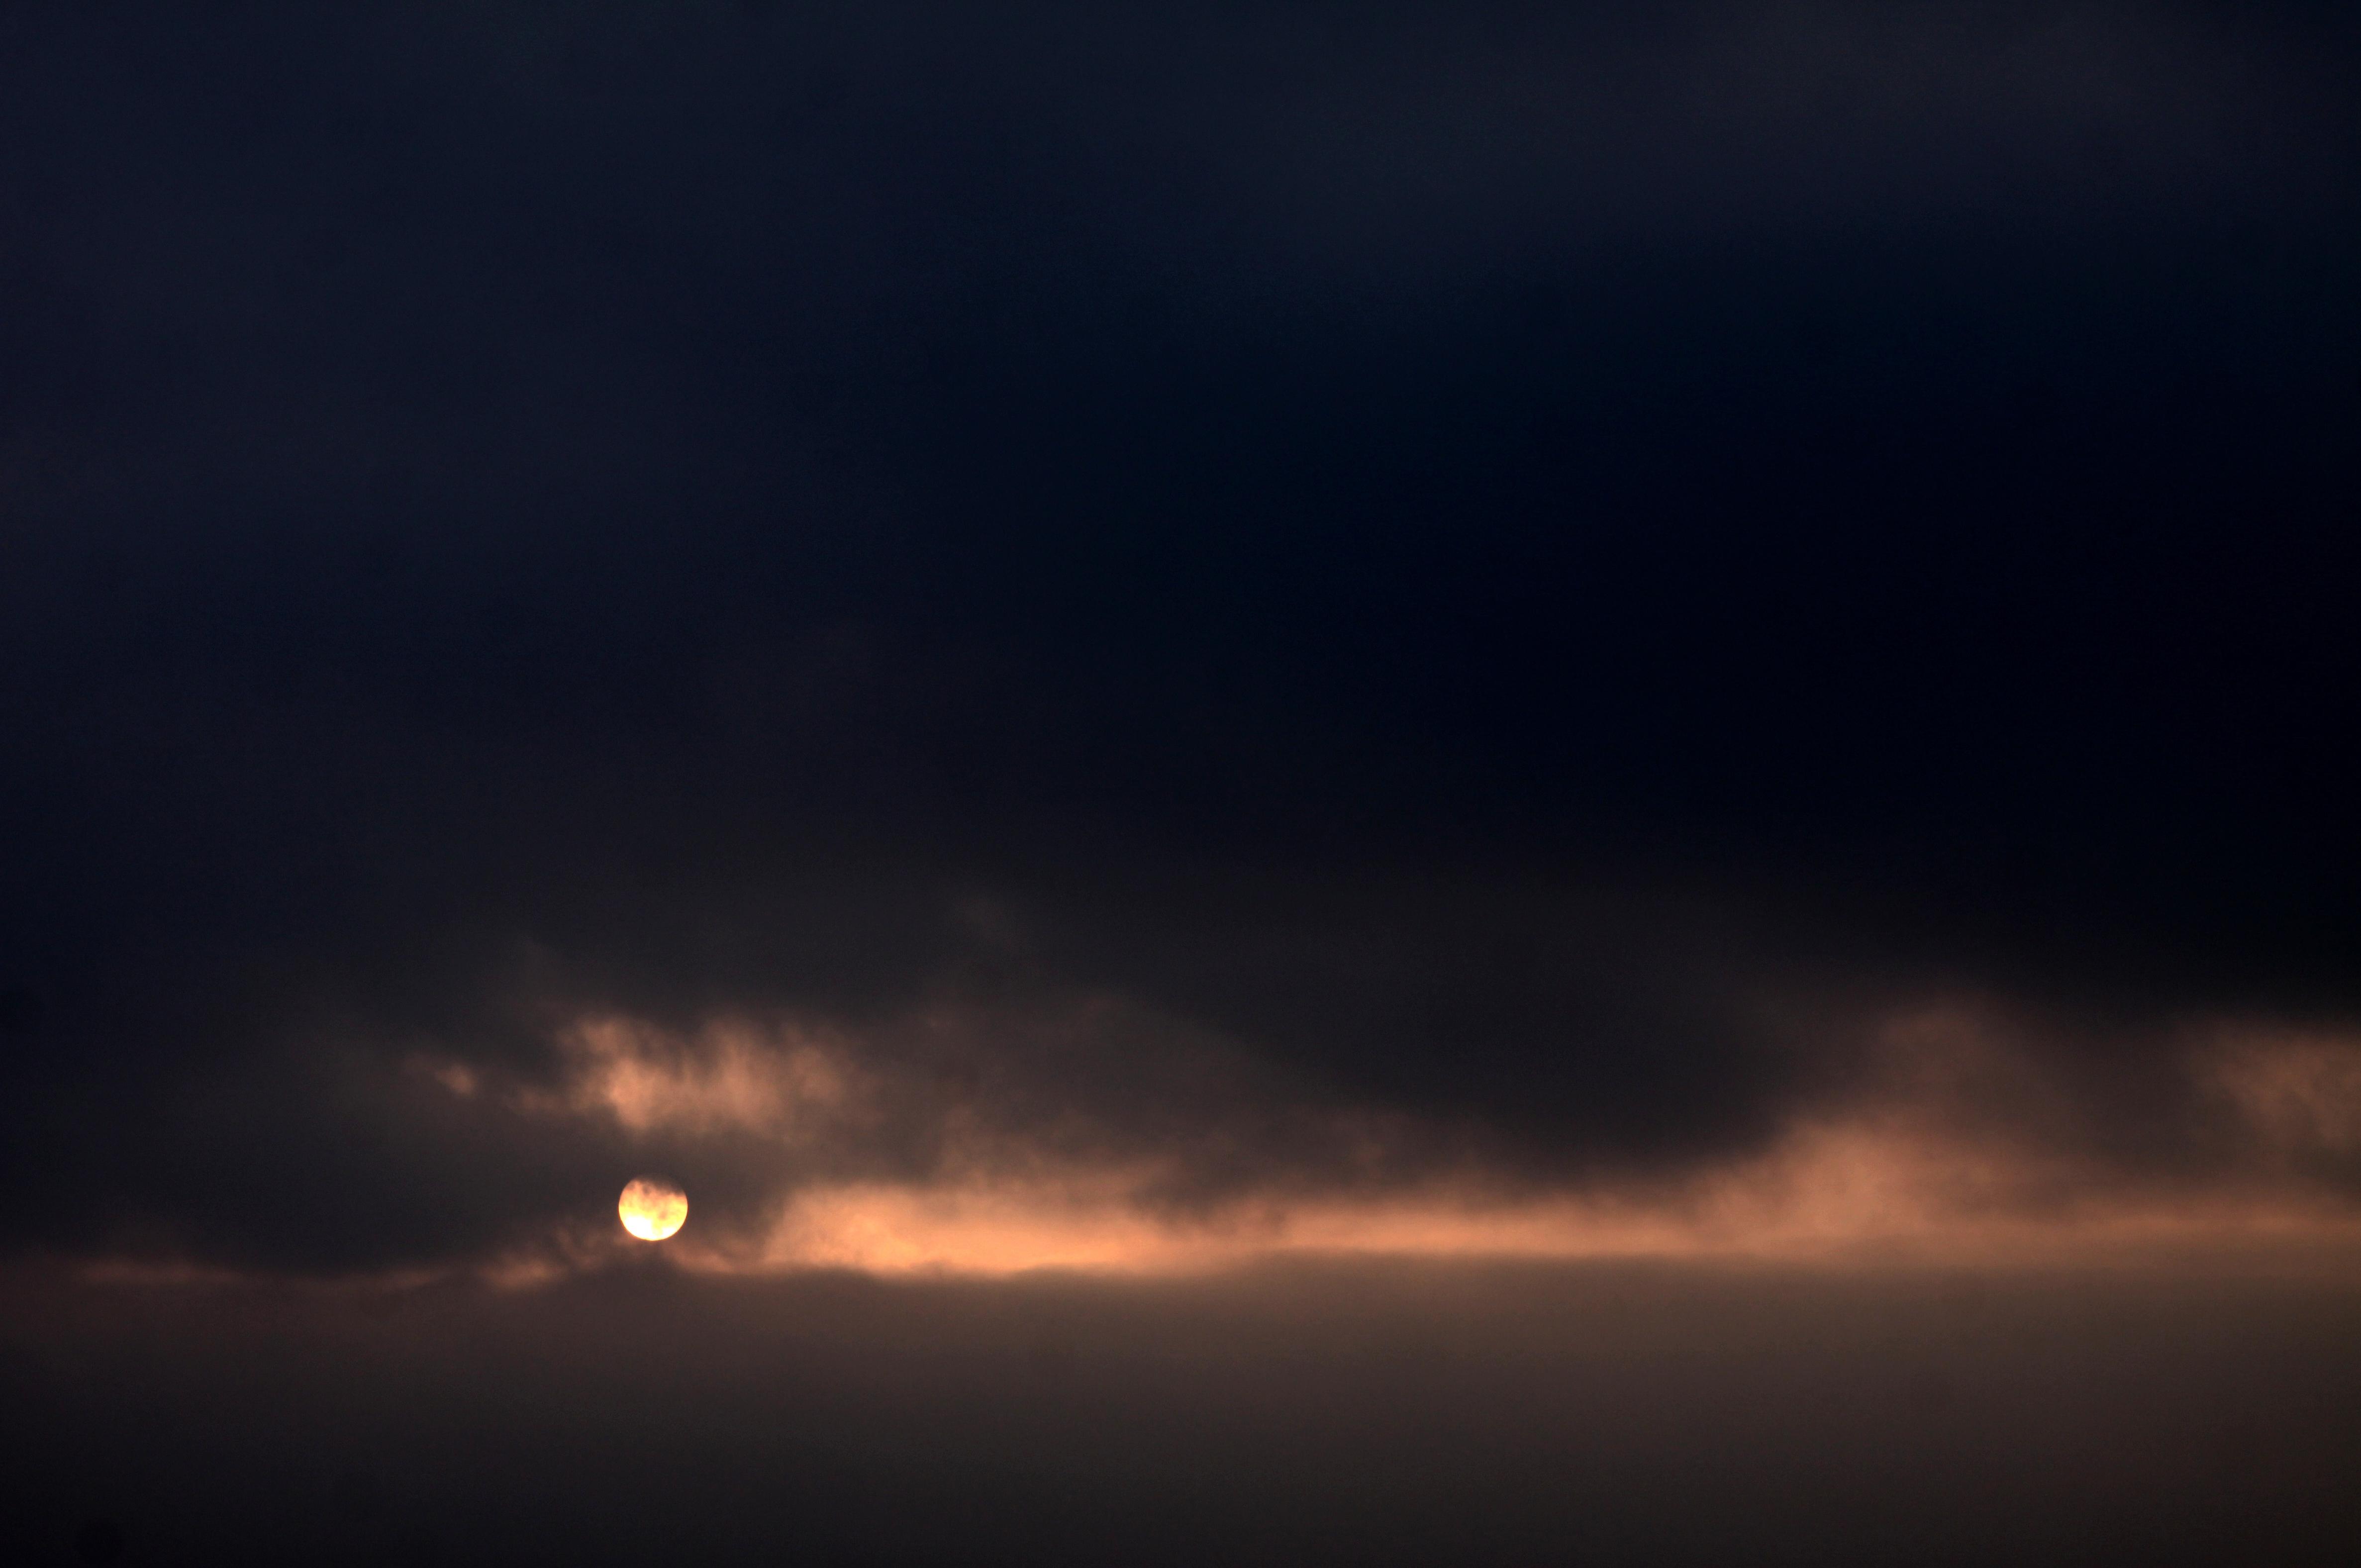 soleil rond derrière les nuages, ligne lumineuse entre les nuages